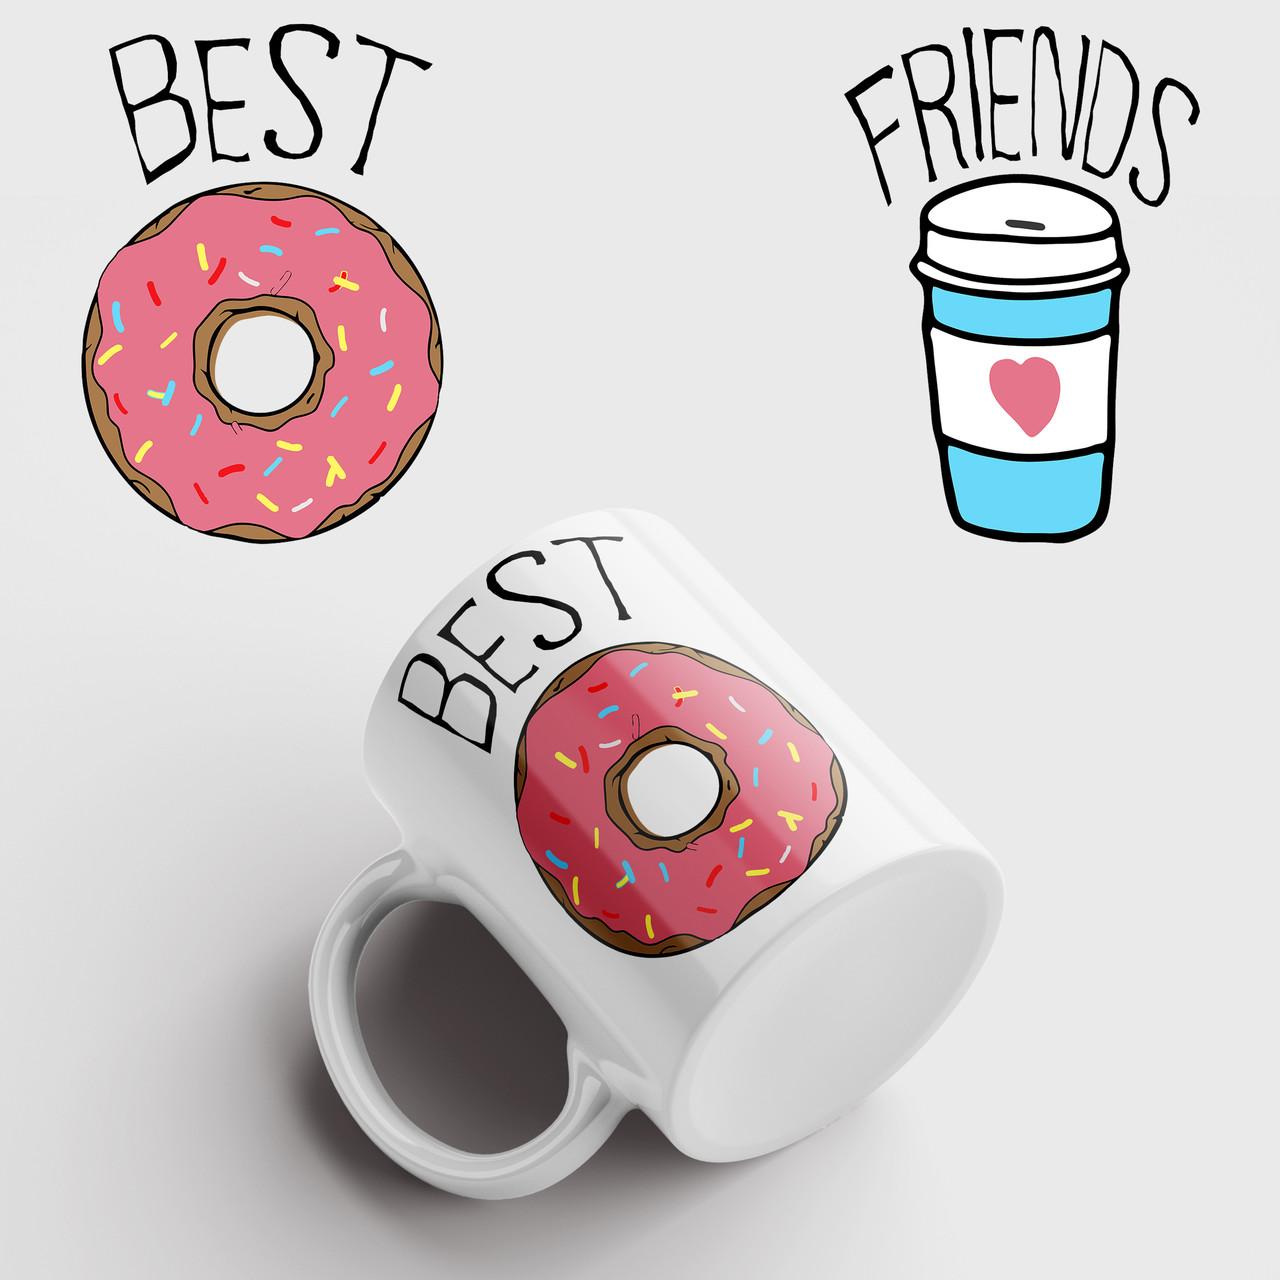 Кружка подарок Best Friends. Чашка с принтом Лучшие друзья. Чашка с фото